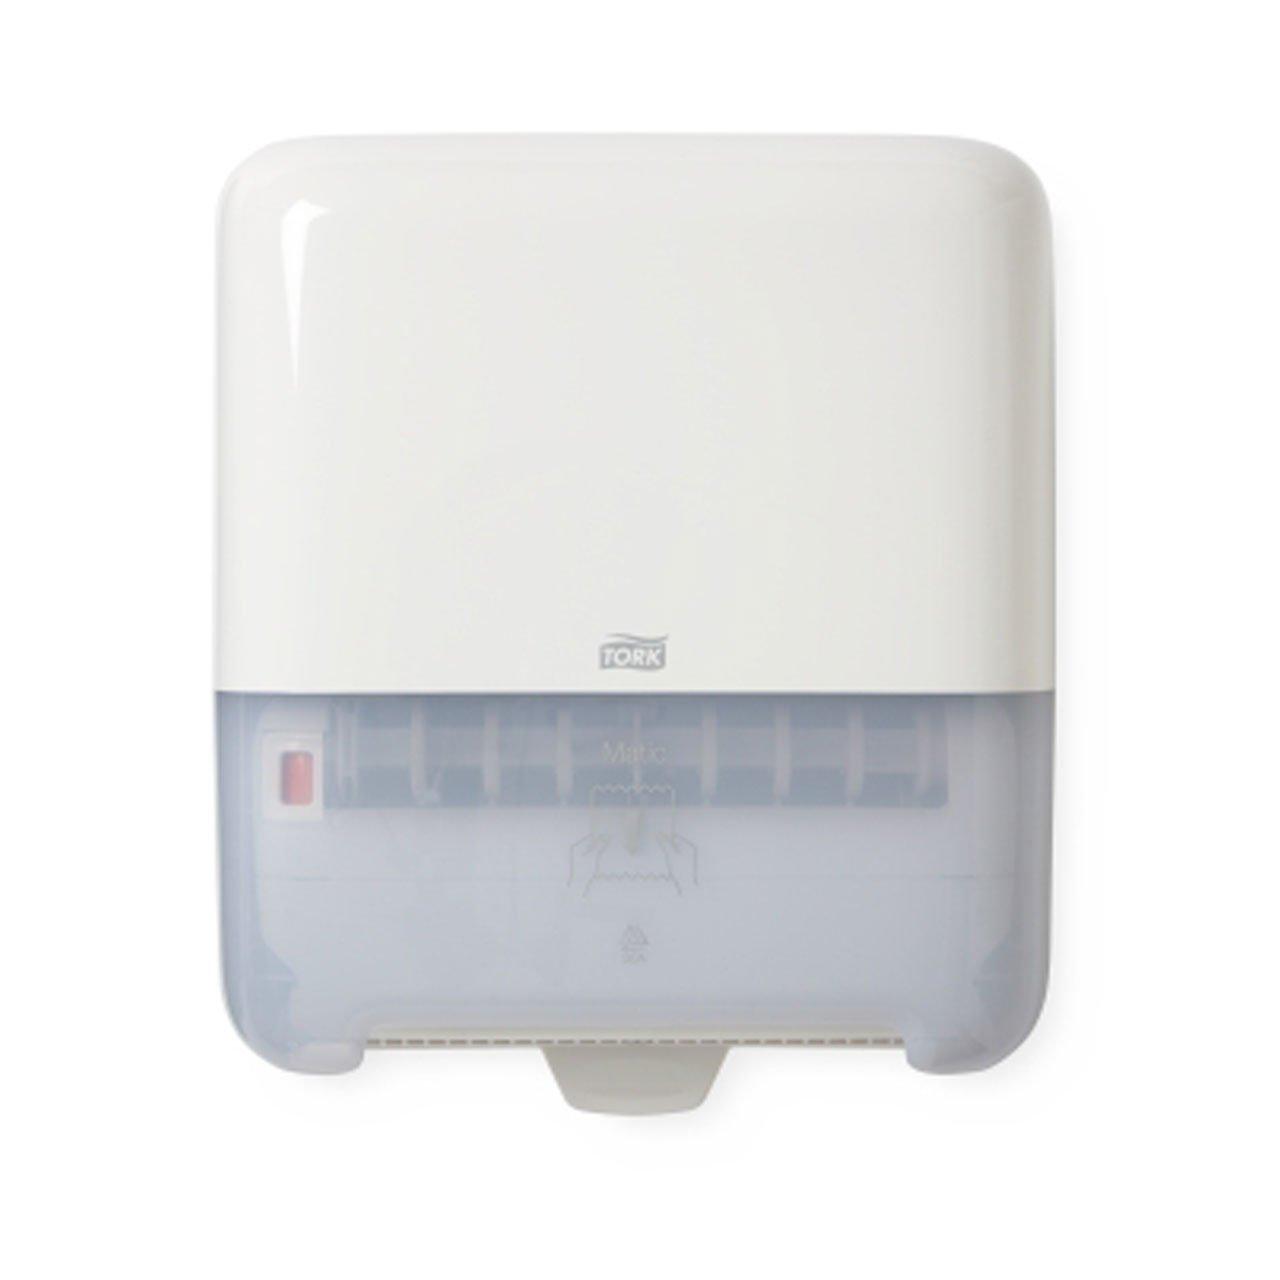 tork intuition paper towel dispenser manual